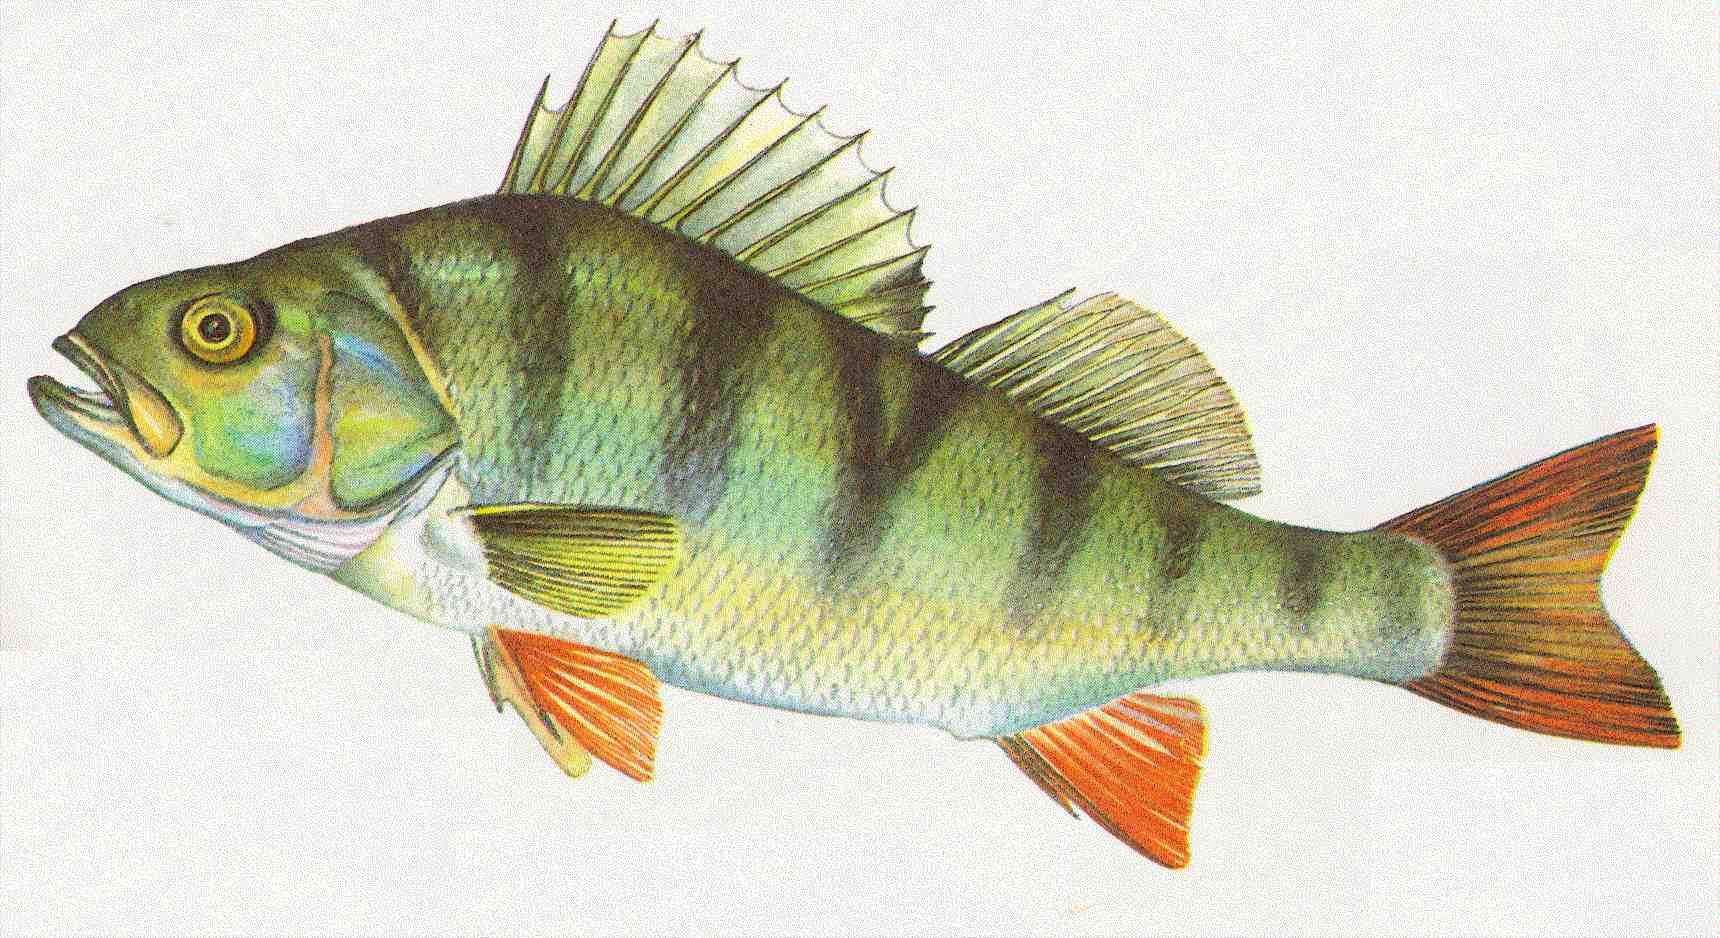 Bernd teich bilder news infos aus dem web for Fischarten teich